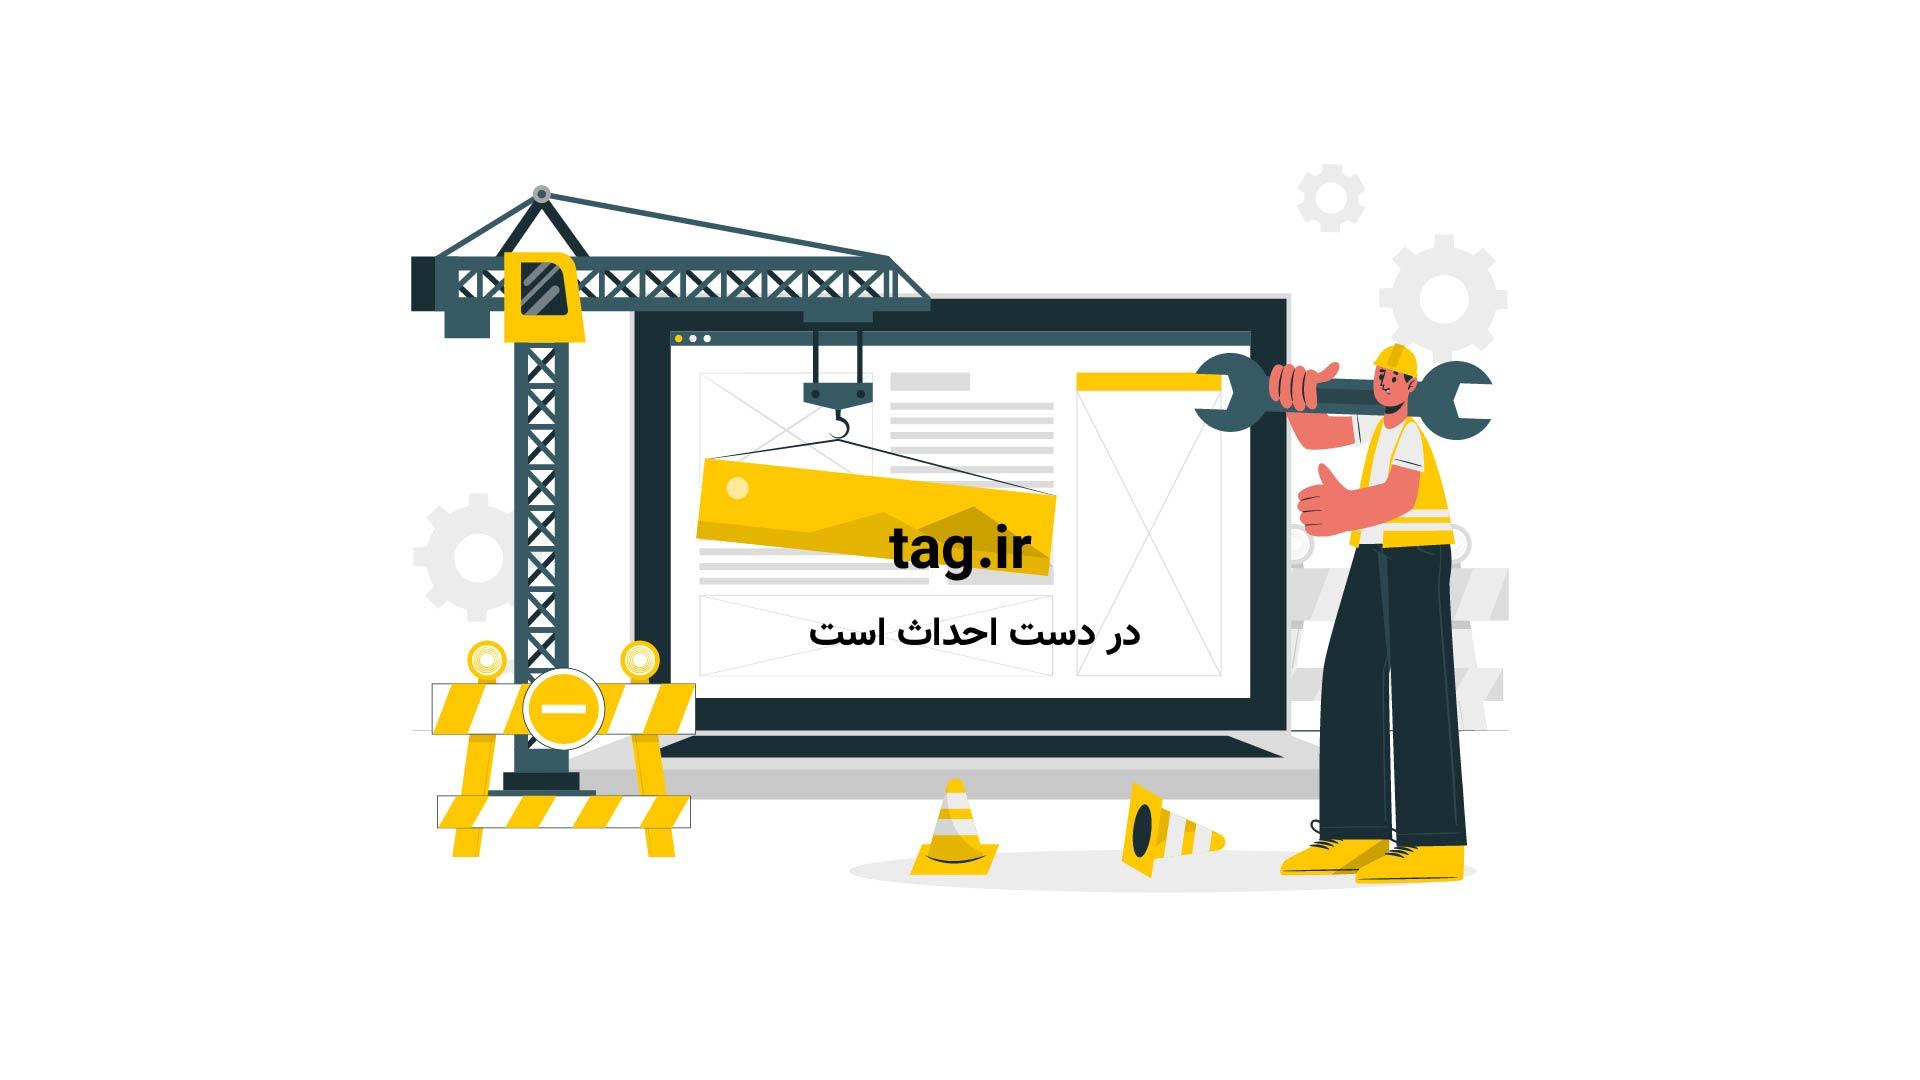 حمله غازها به روباه قطبی برای دفاع از تخمهایشان | فیلم